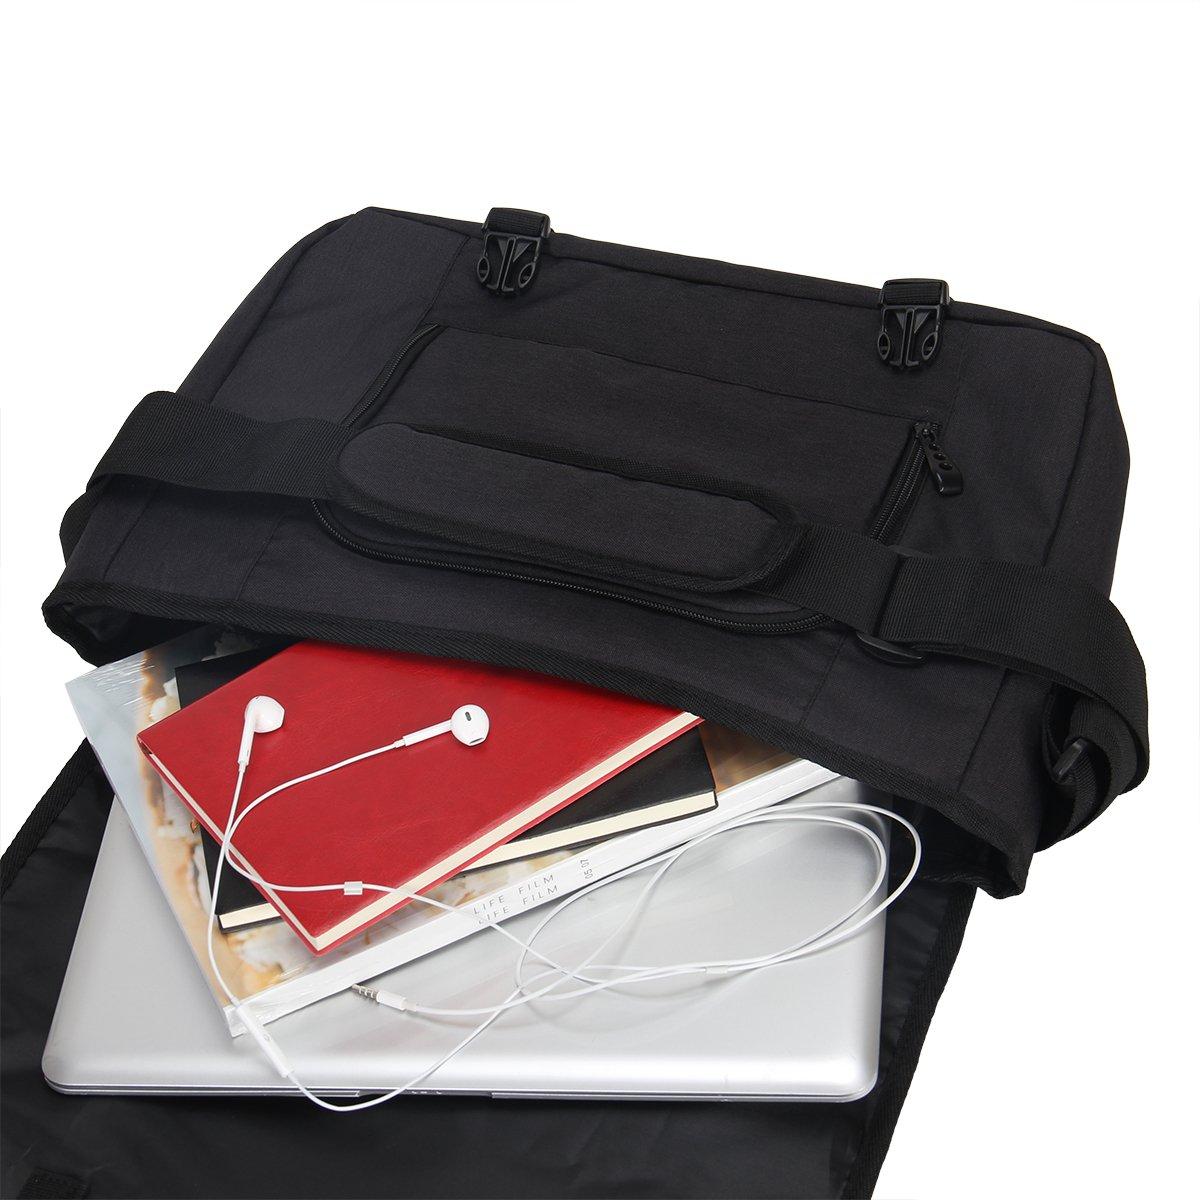 Hynes Eagle Laptop Messenger Bag for 15-inch (Black